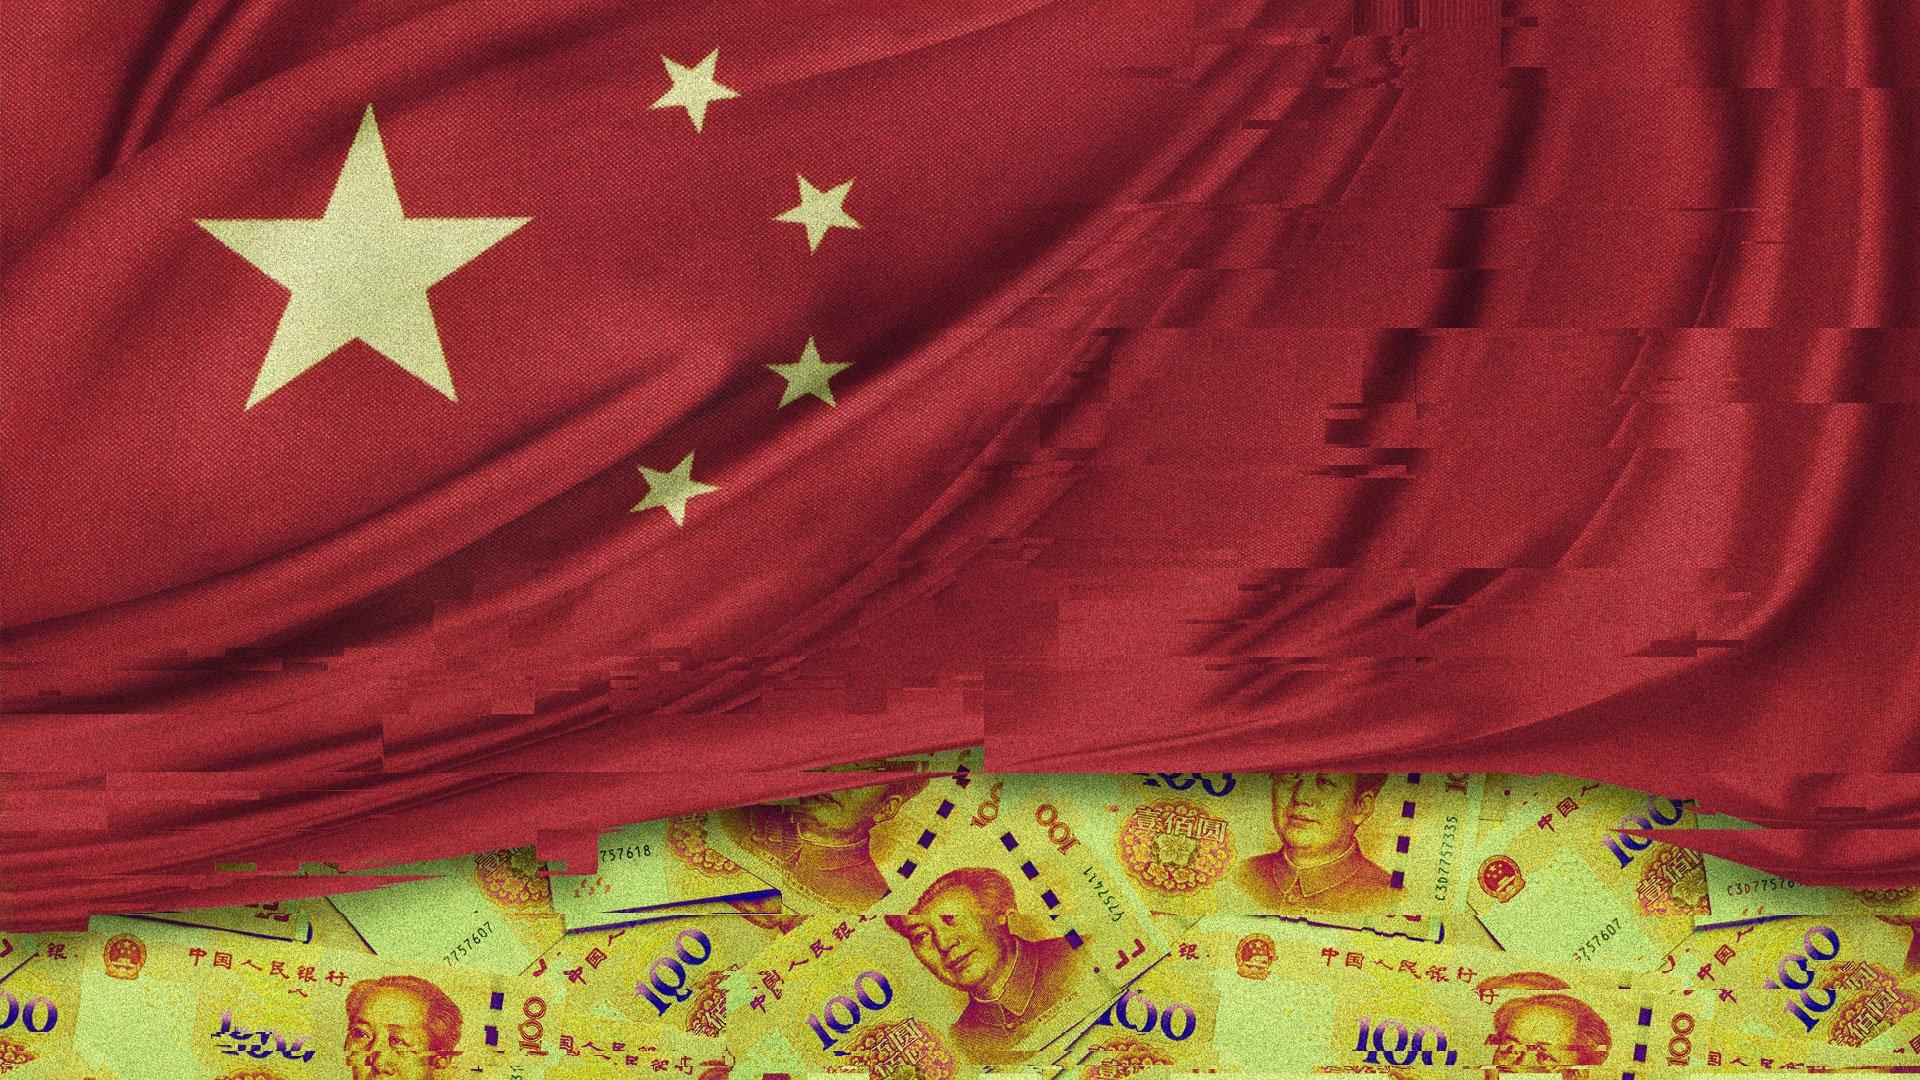 La ciudad de Shenzhen está planeando otra prueba de moneda digital de $ 3 millones